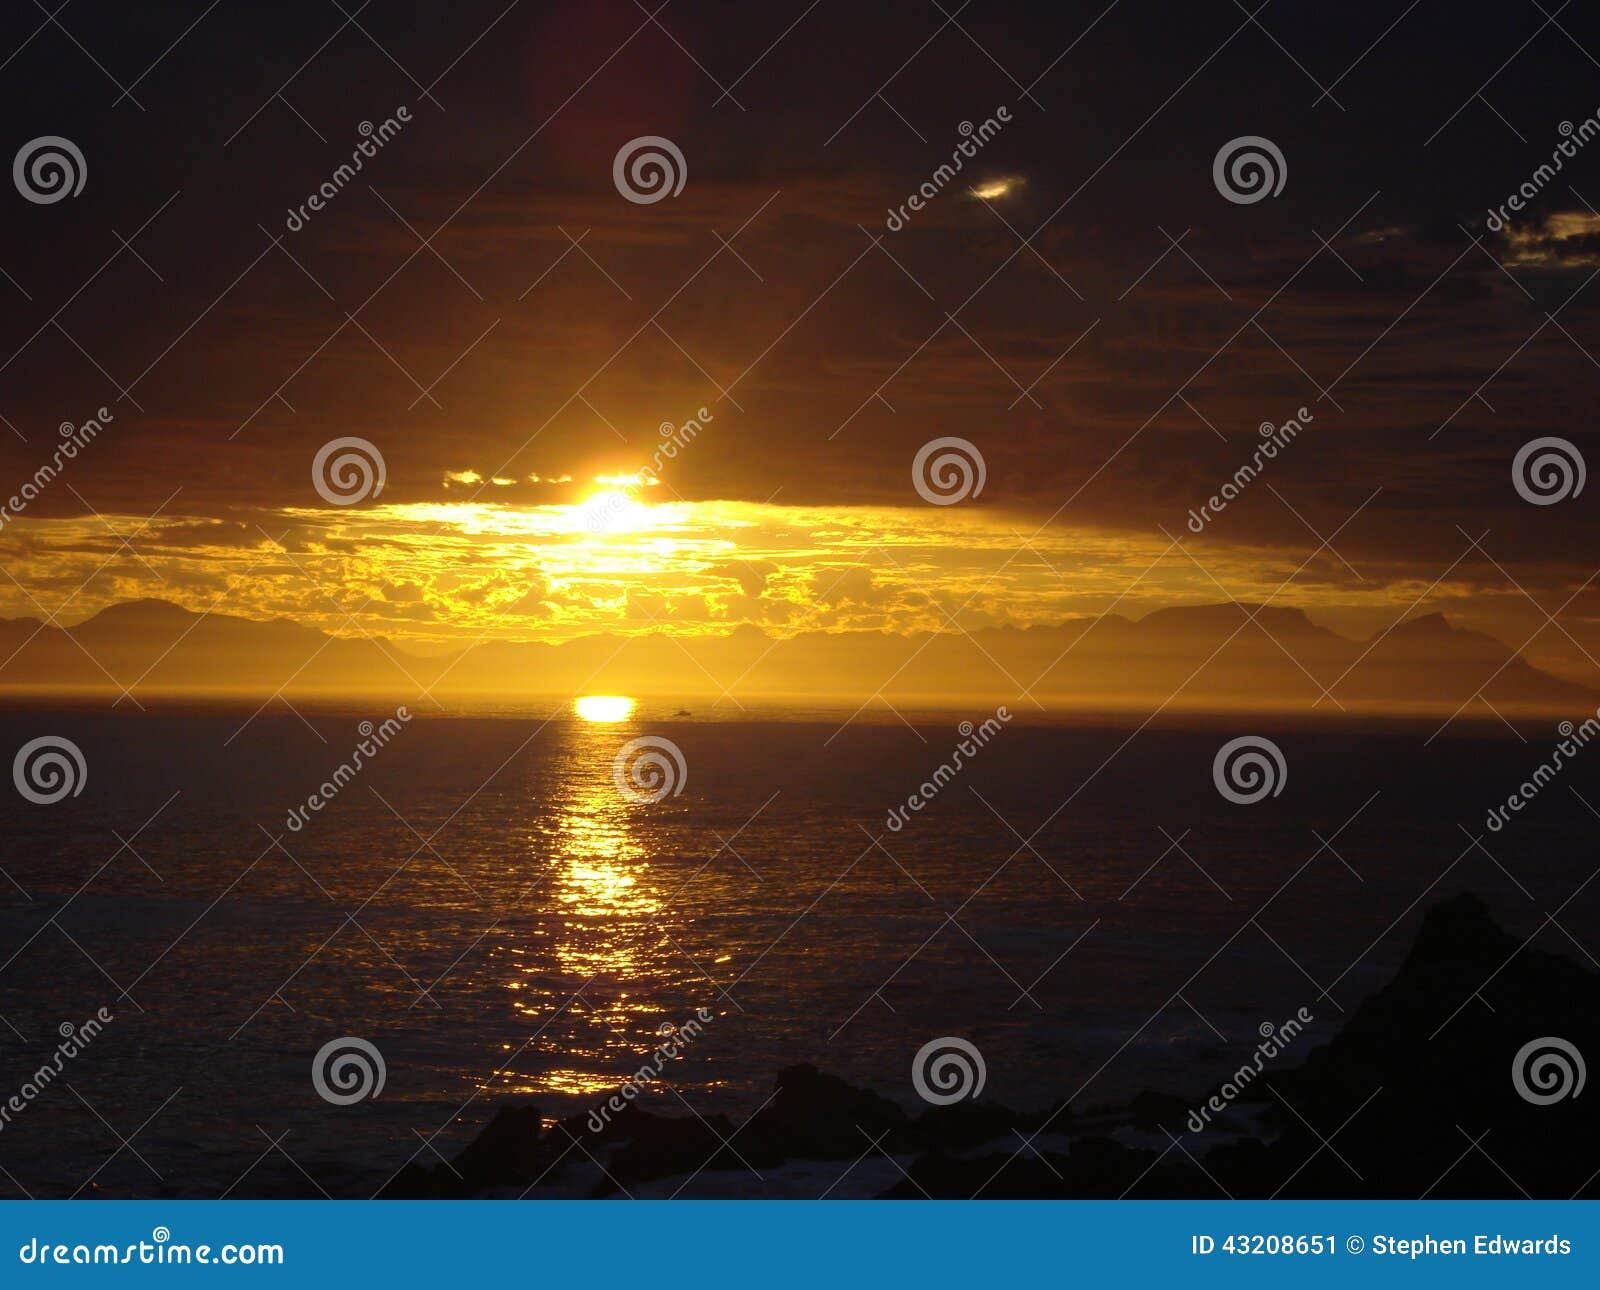 Download Södra - Afrikansk Solnedgång över Havet Fotografering för Bildbyråer - Bild av oklarheter, kust: 43208651